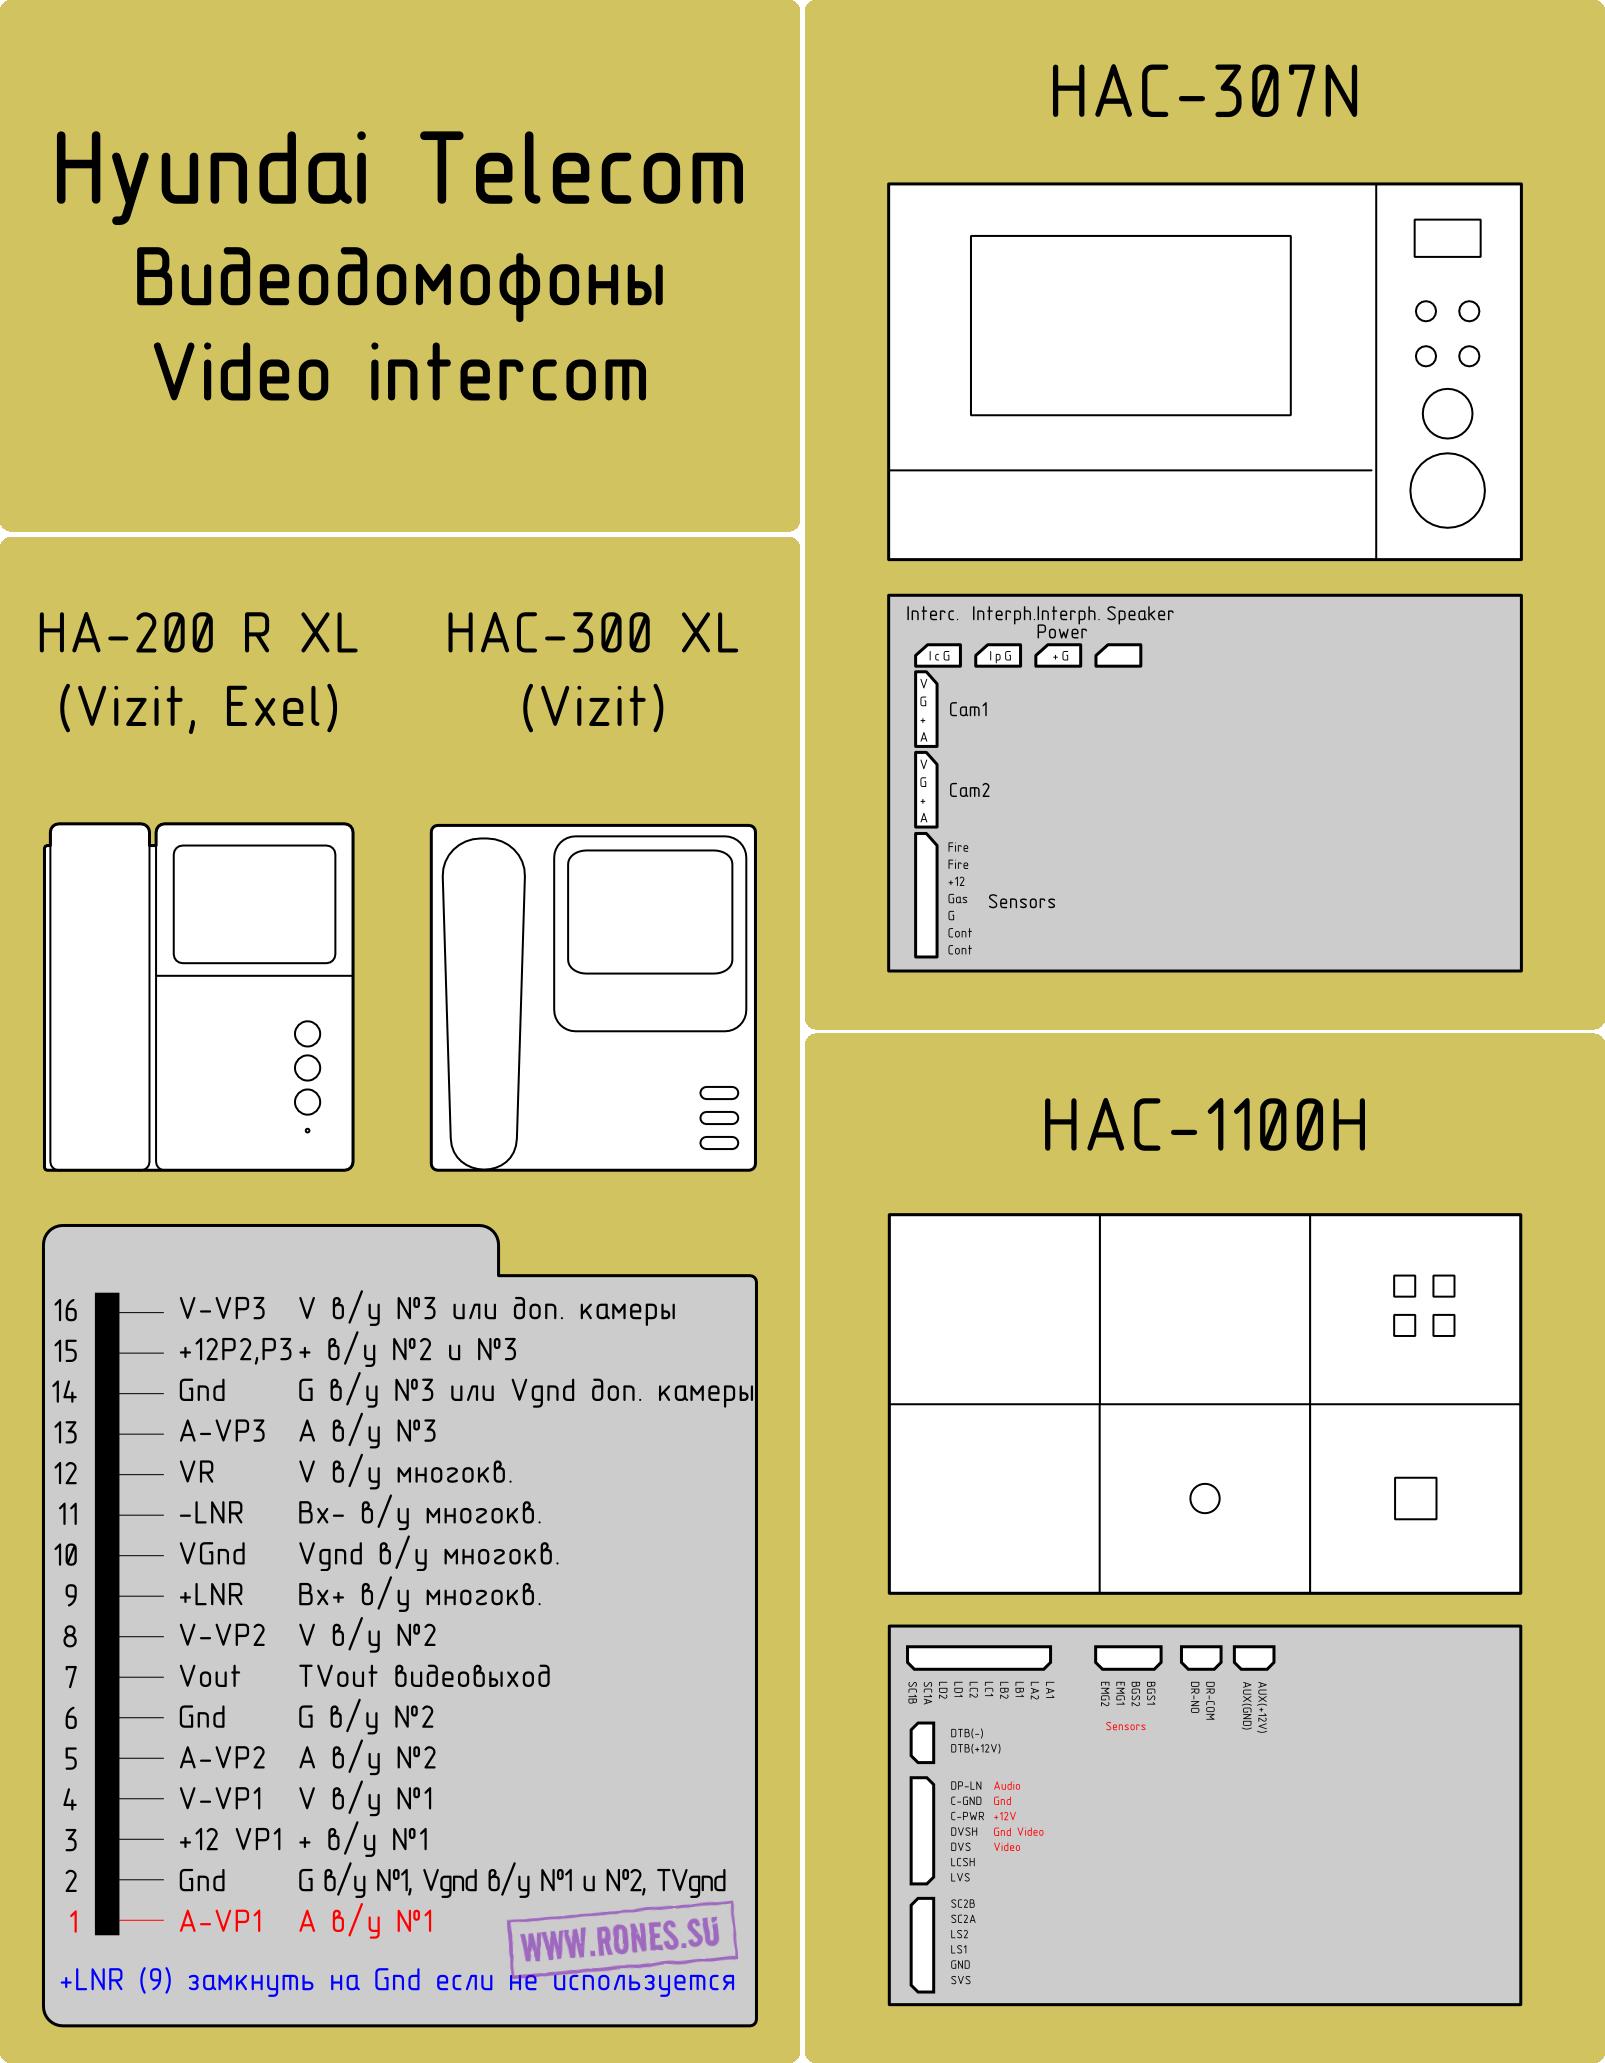 Hyundai Ha-301 Домофон Инструкция